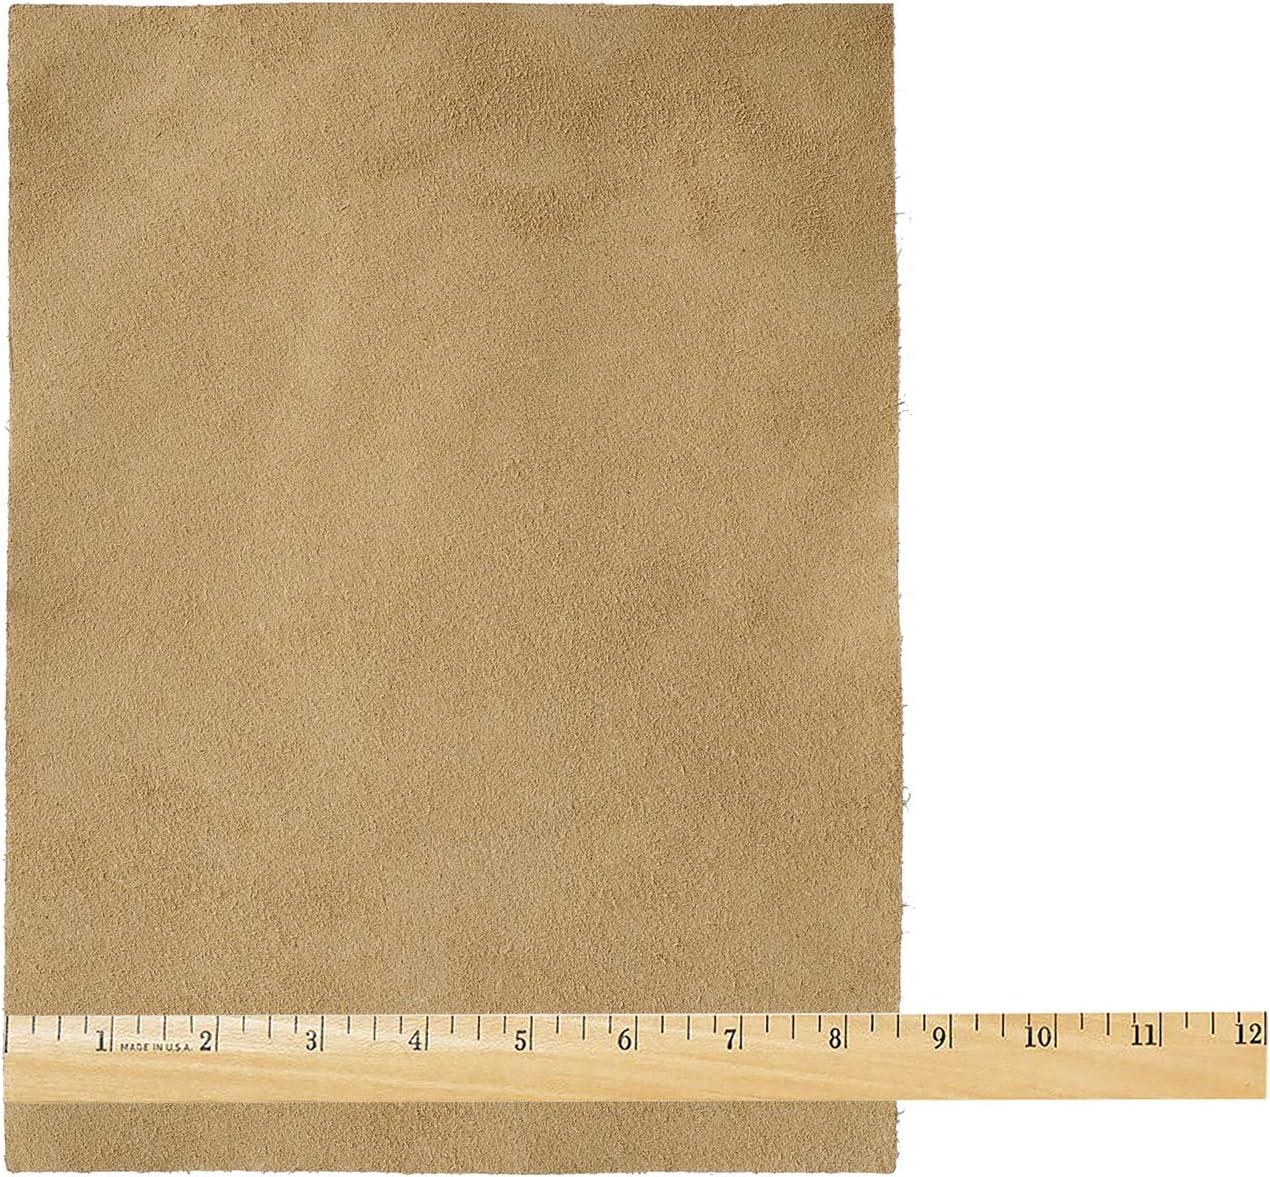 8.5x11 Realeather Suede Craft Sheet Beige